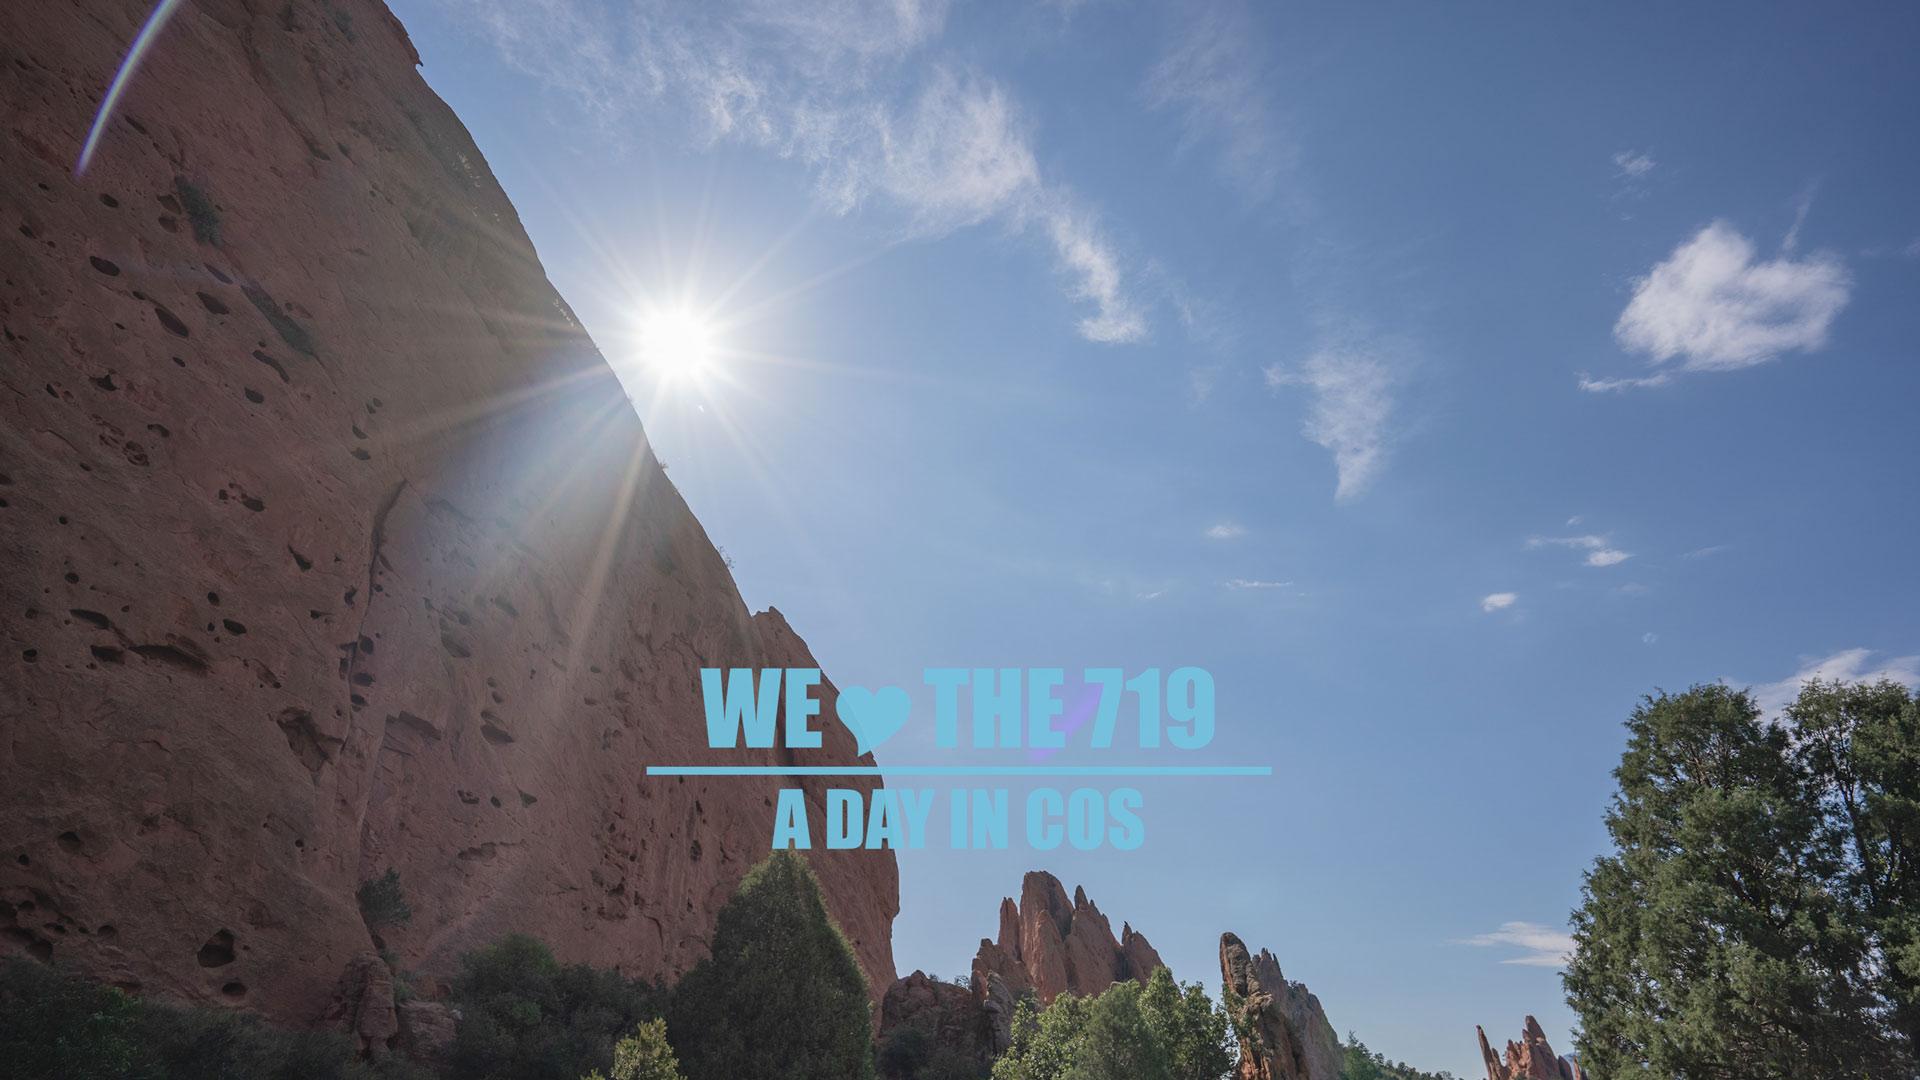 A-Colorado-Springs-Video-Garden-of-the-Gods